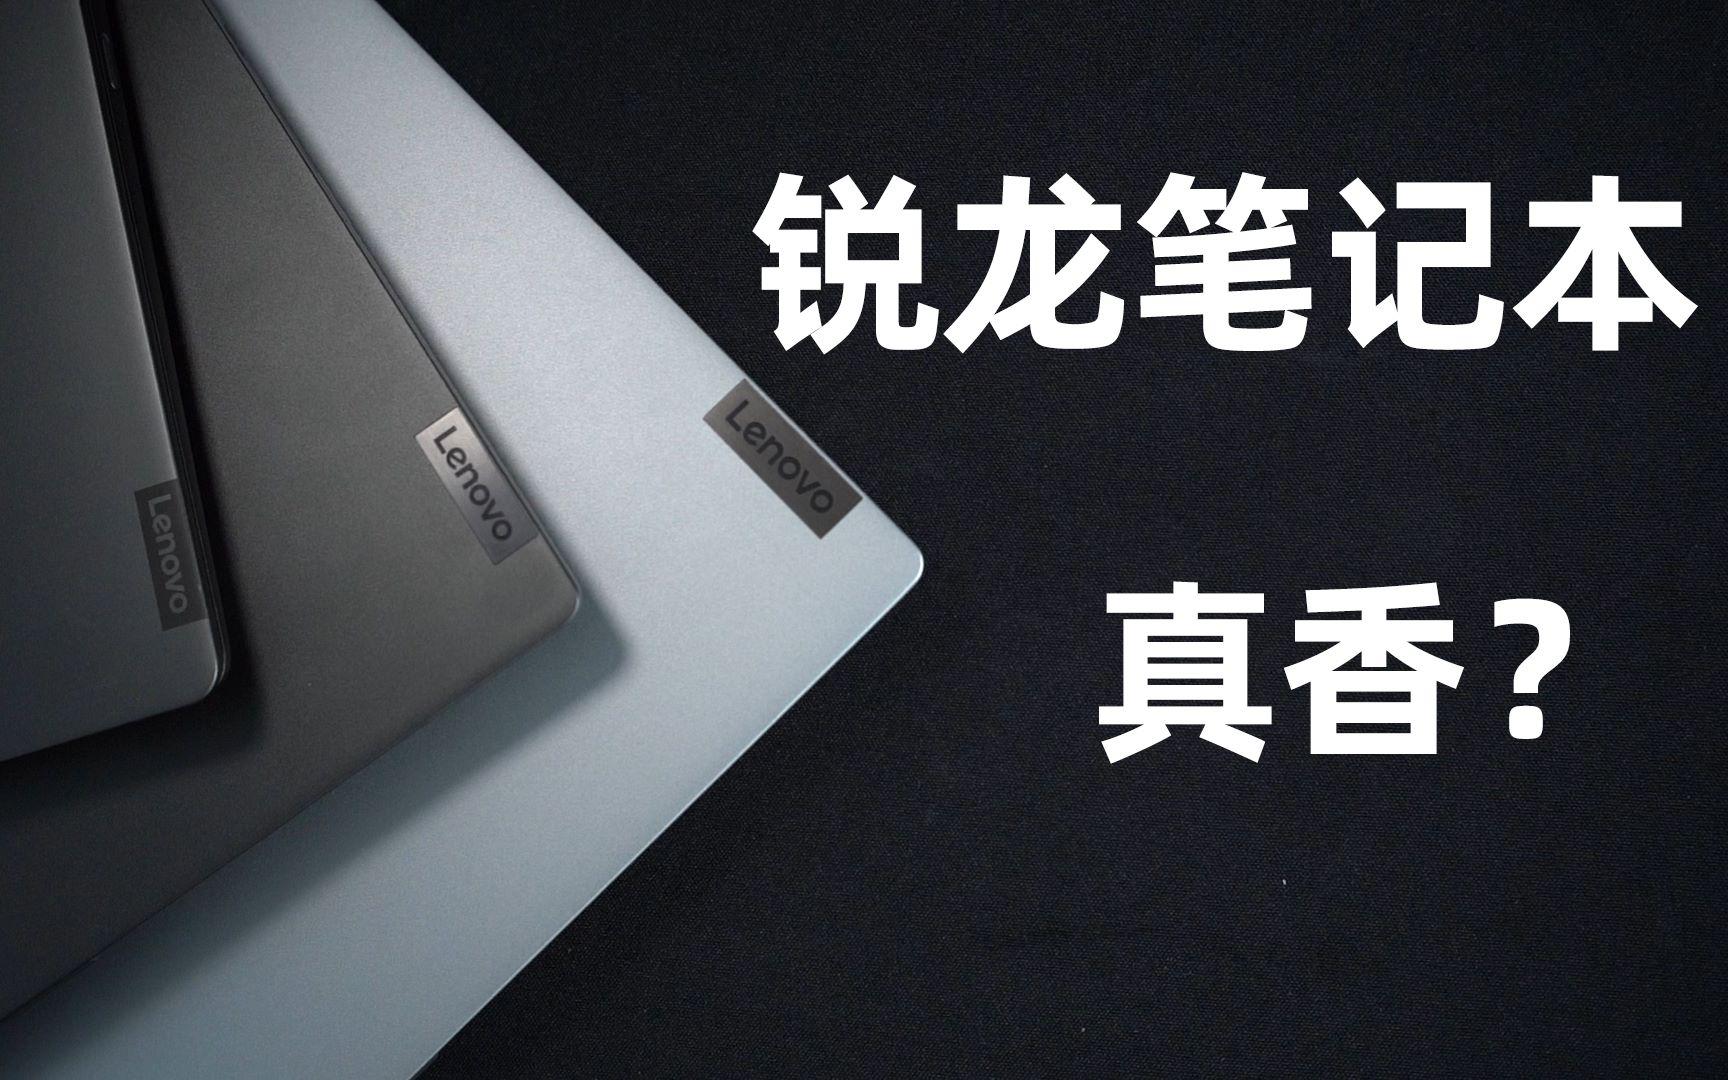 【动力评测】AMD轻薄本最强横评, 联想小新Pro13/小新Air14/小新15/Yoga14S到底哪台香?